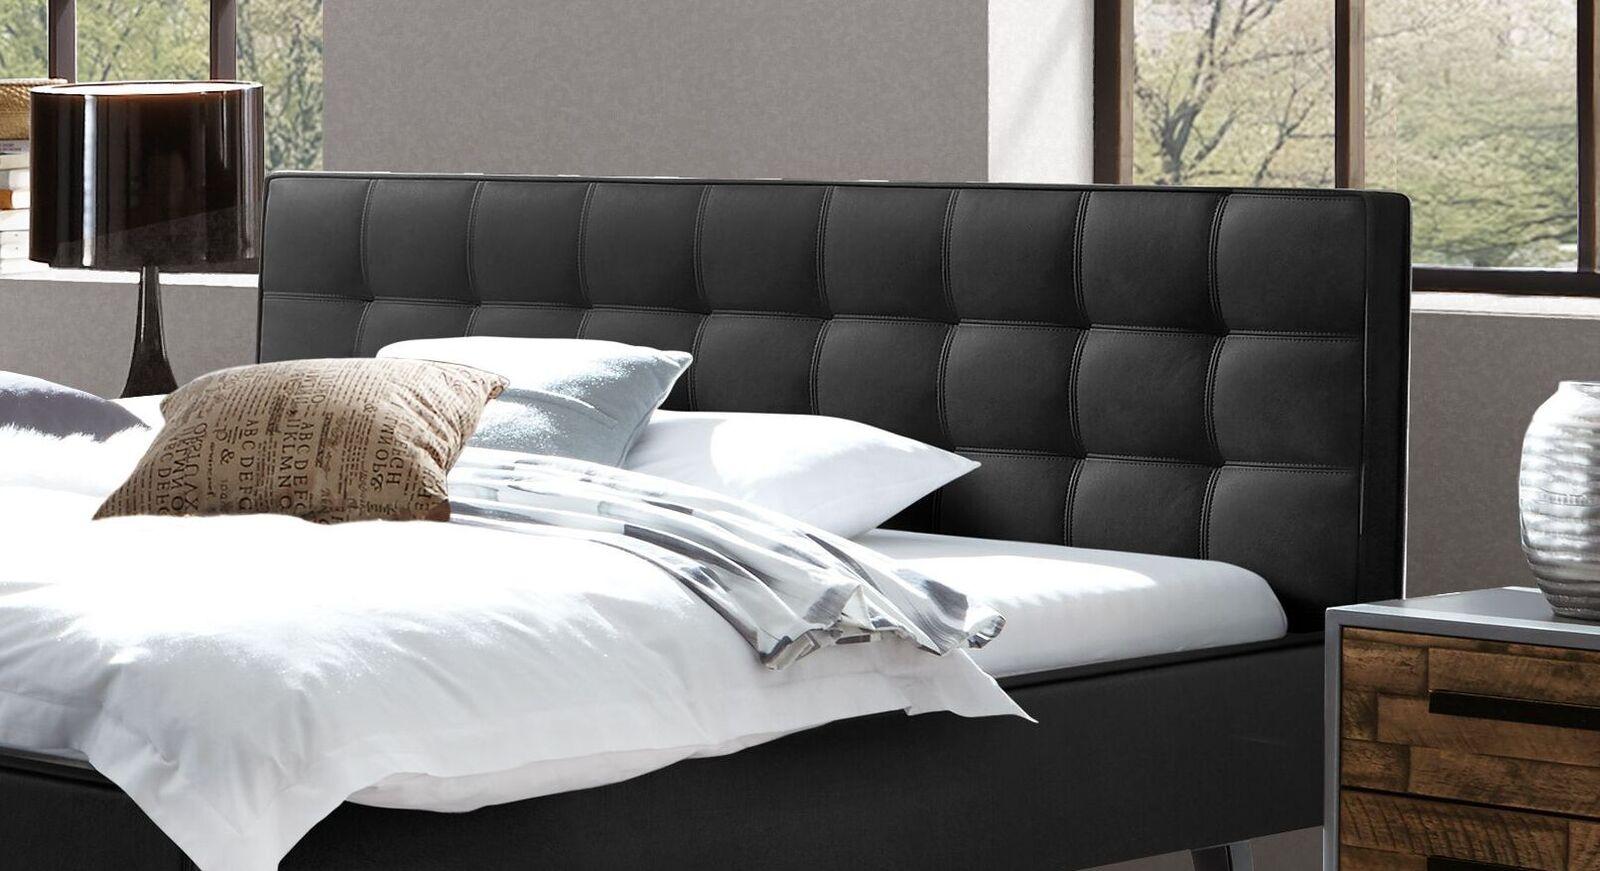 Bett Banvano mit attraktiver Kopfteil-Steppung